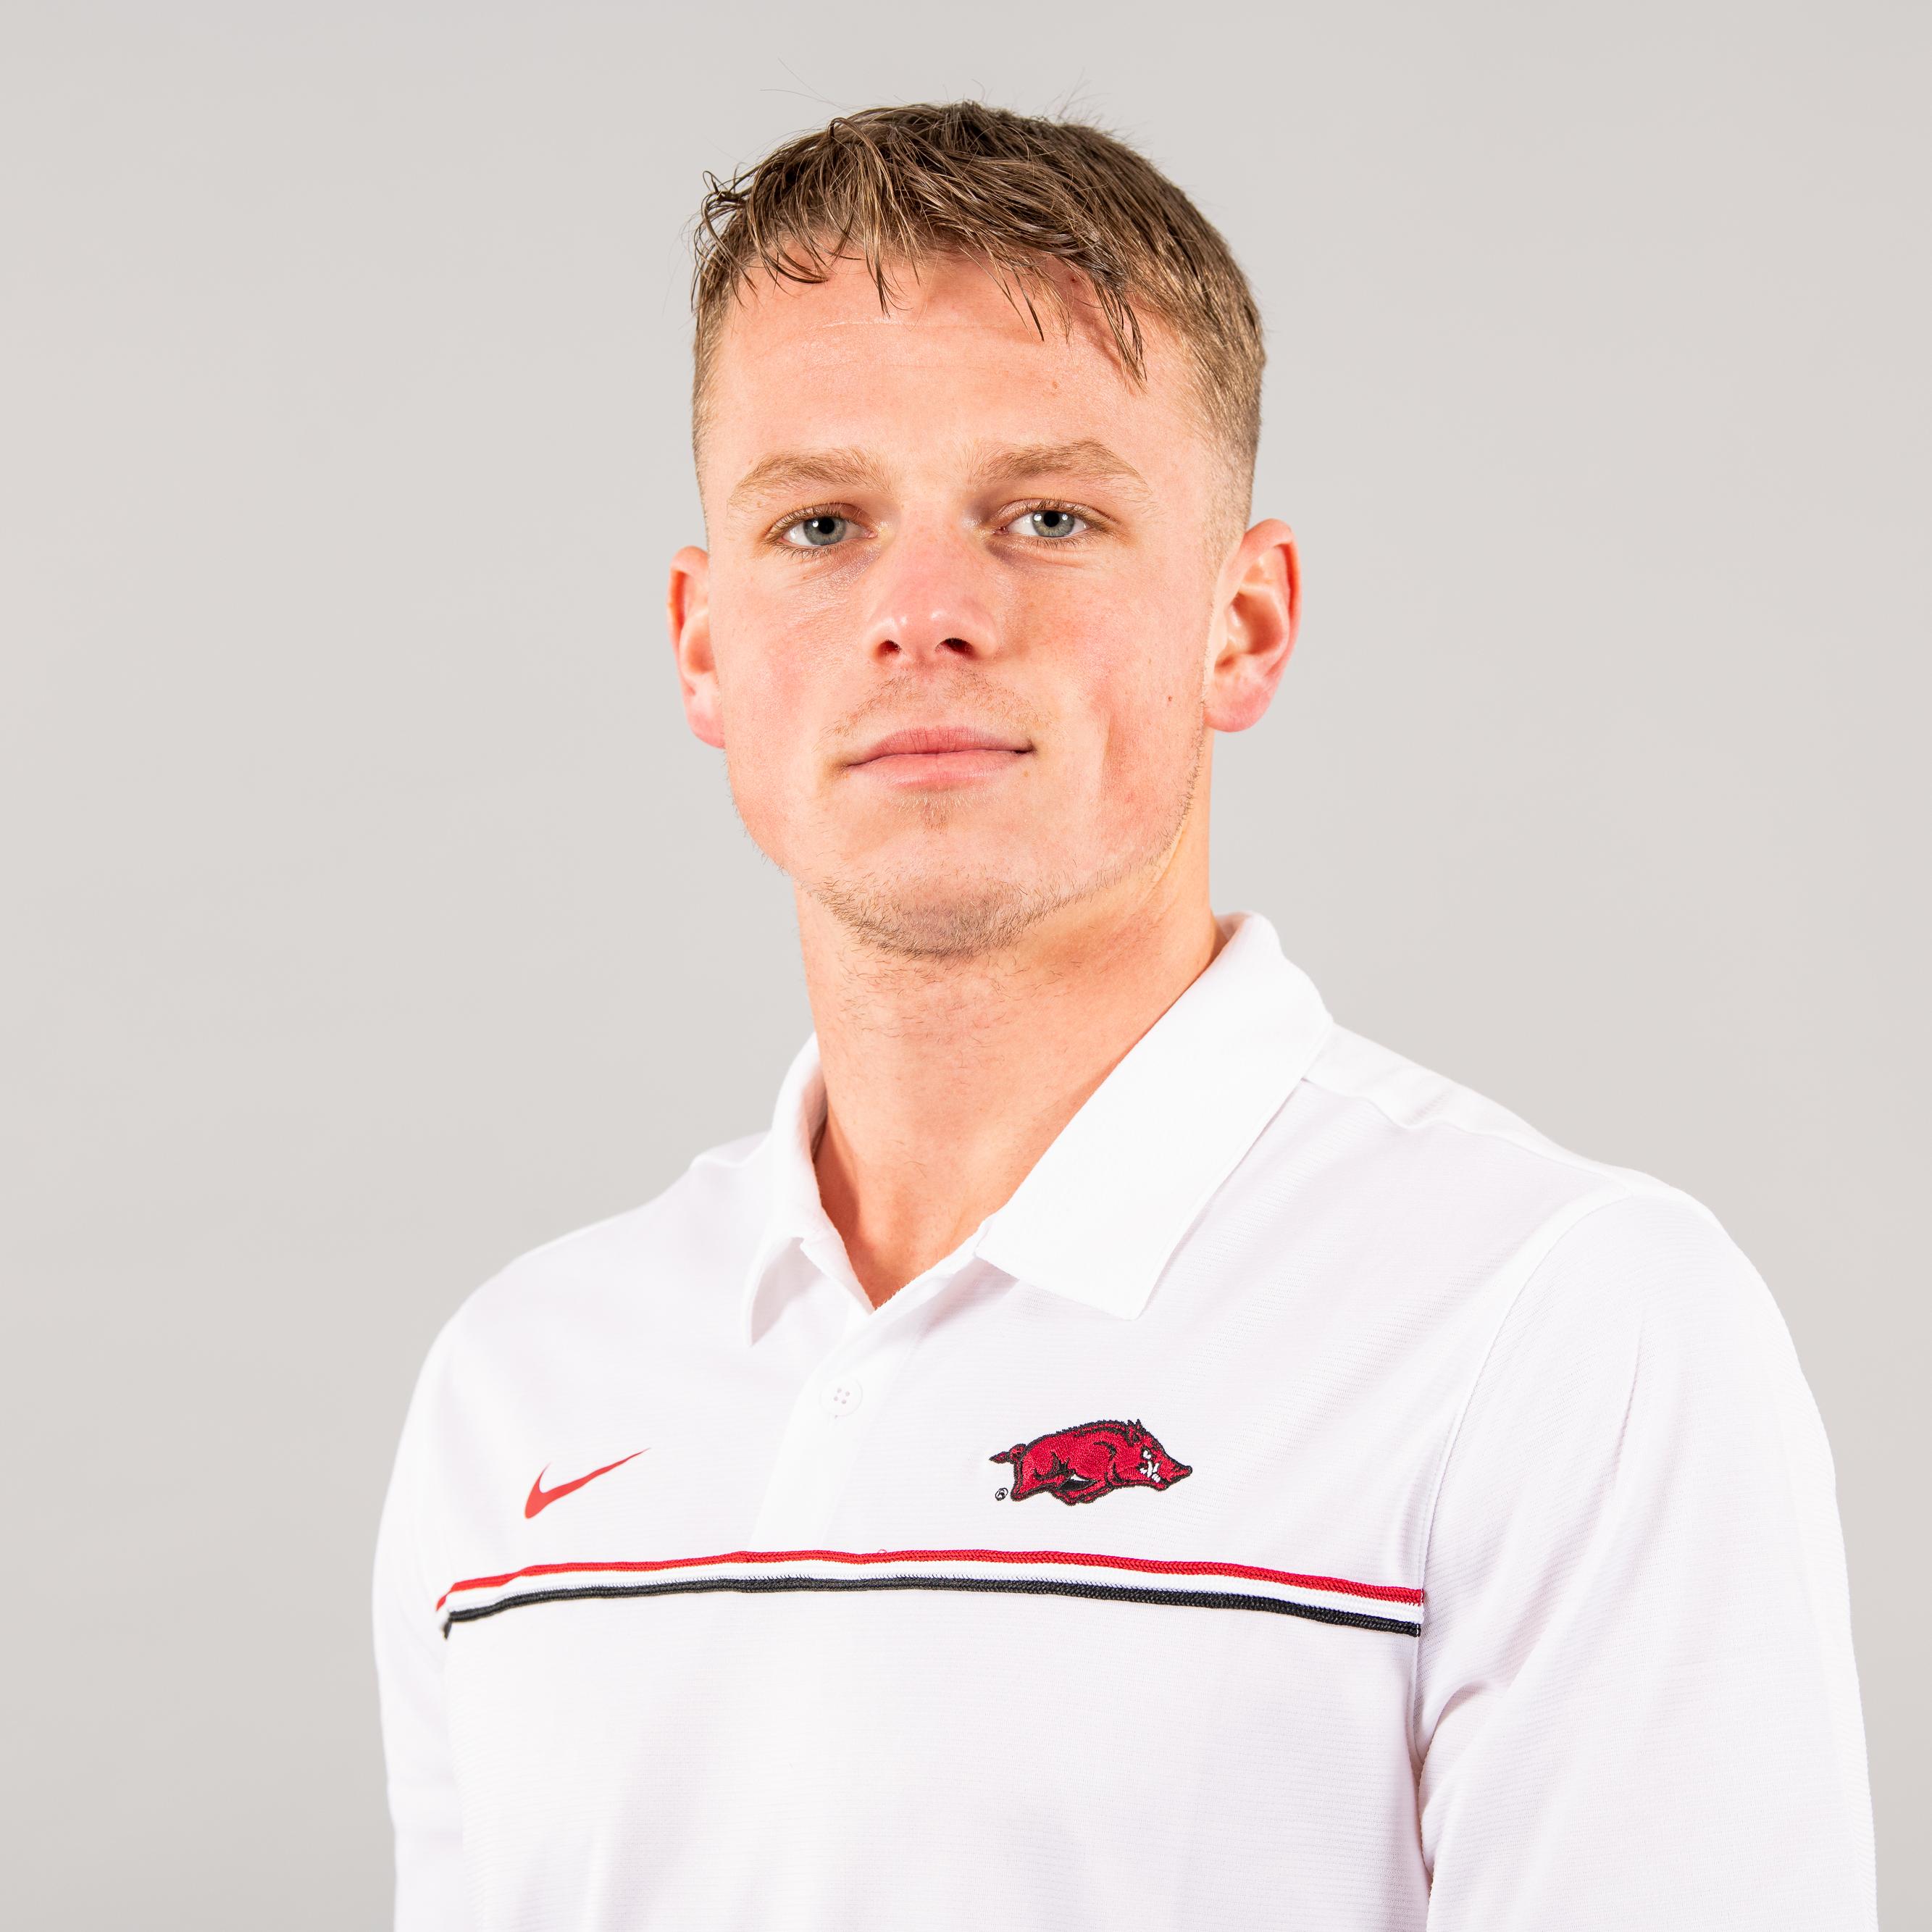 Maxim Verboven - Men's Tennis - Arkansas Razorbacks